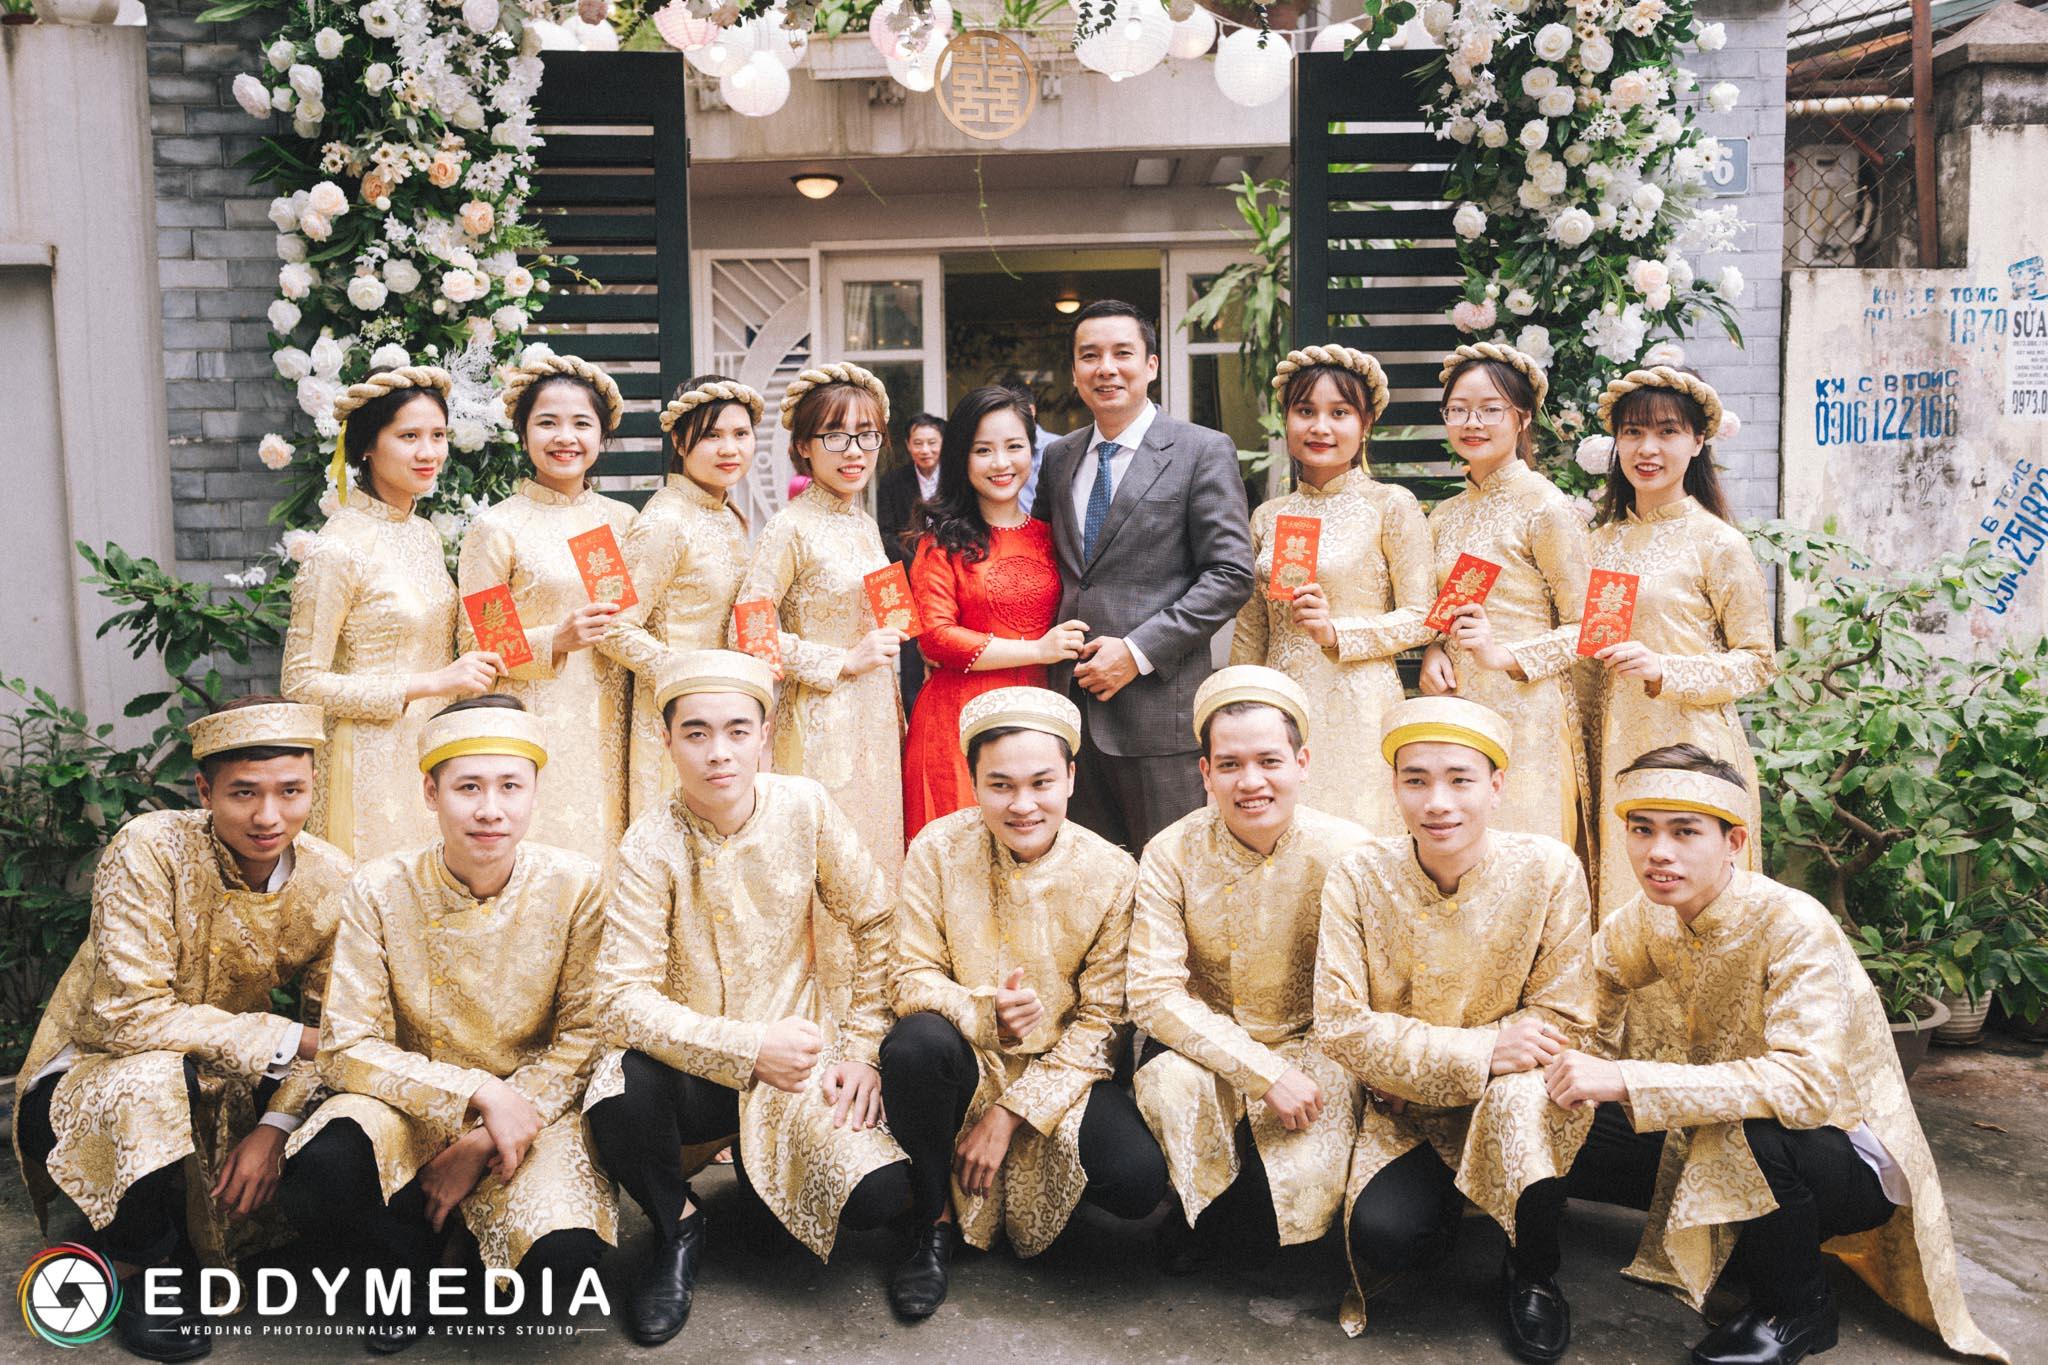 Phongsucuoi Melia Yenson Thule EddyMedia 31 Chuẩn bị đám cưới trong 2 tháng